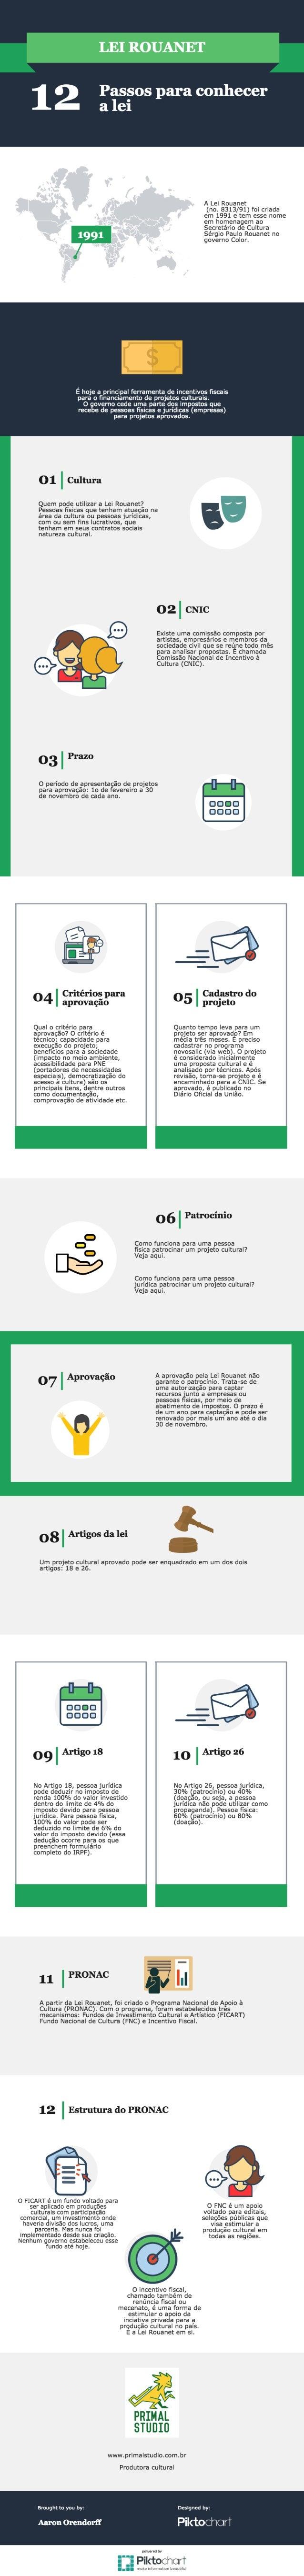 A Lei Rouanet em 12 passos